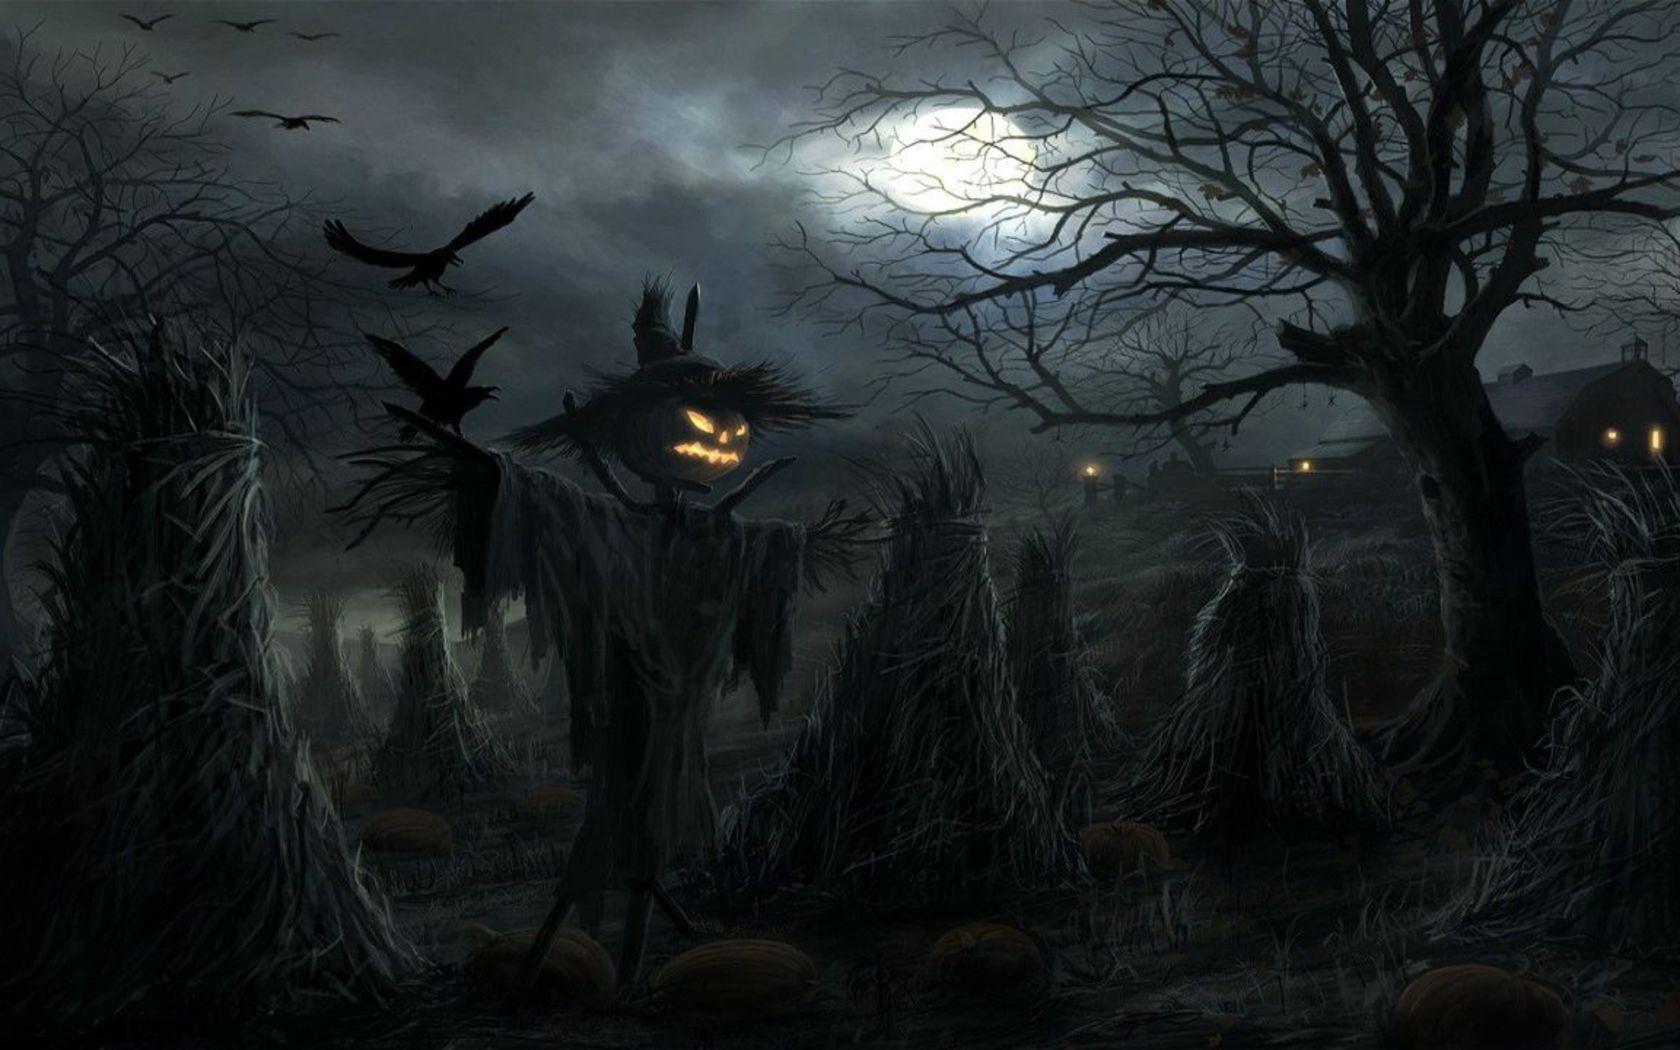 Halloween backgrounds | Sciforums | Halloween | Pinterest ...